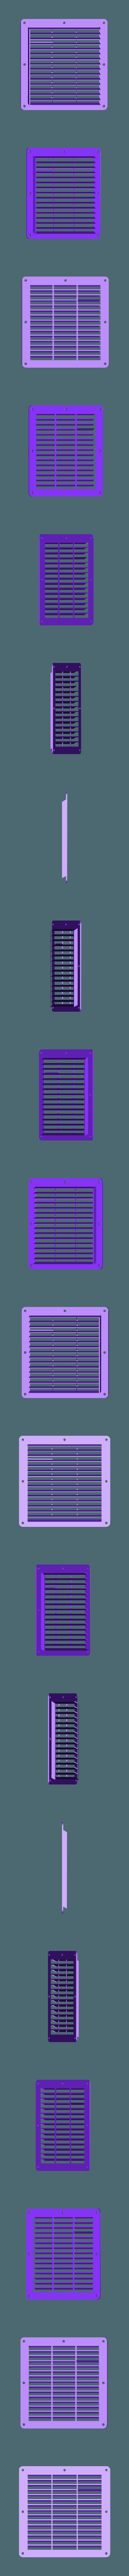 grille 180x180.stl Télécharger fichier STL gratuit grilles de ventilation 3 modèles (ronde, rectangle et carrée) • Design imprimable en 3D, wilfranck